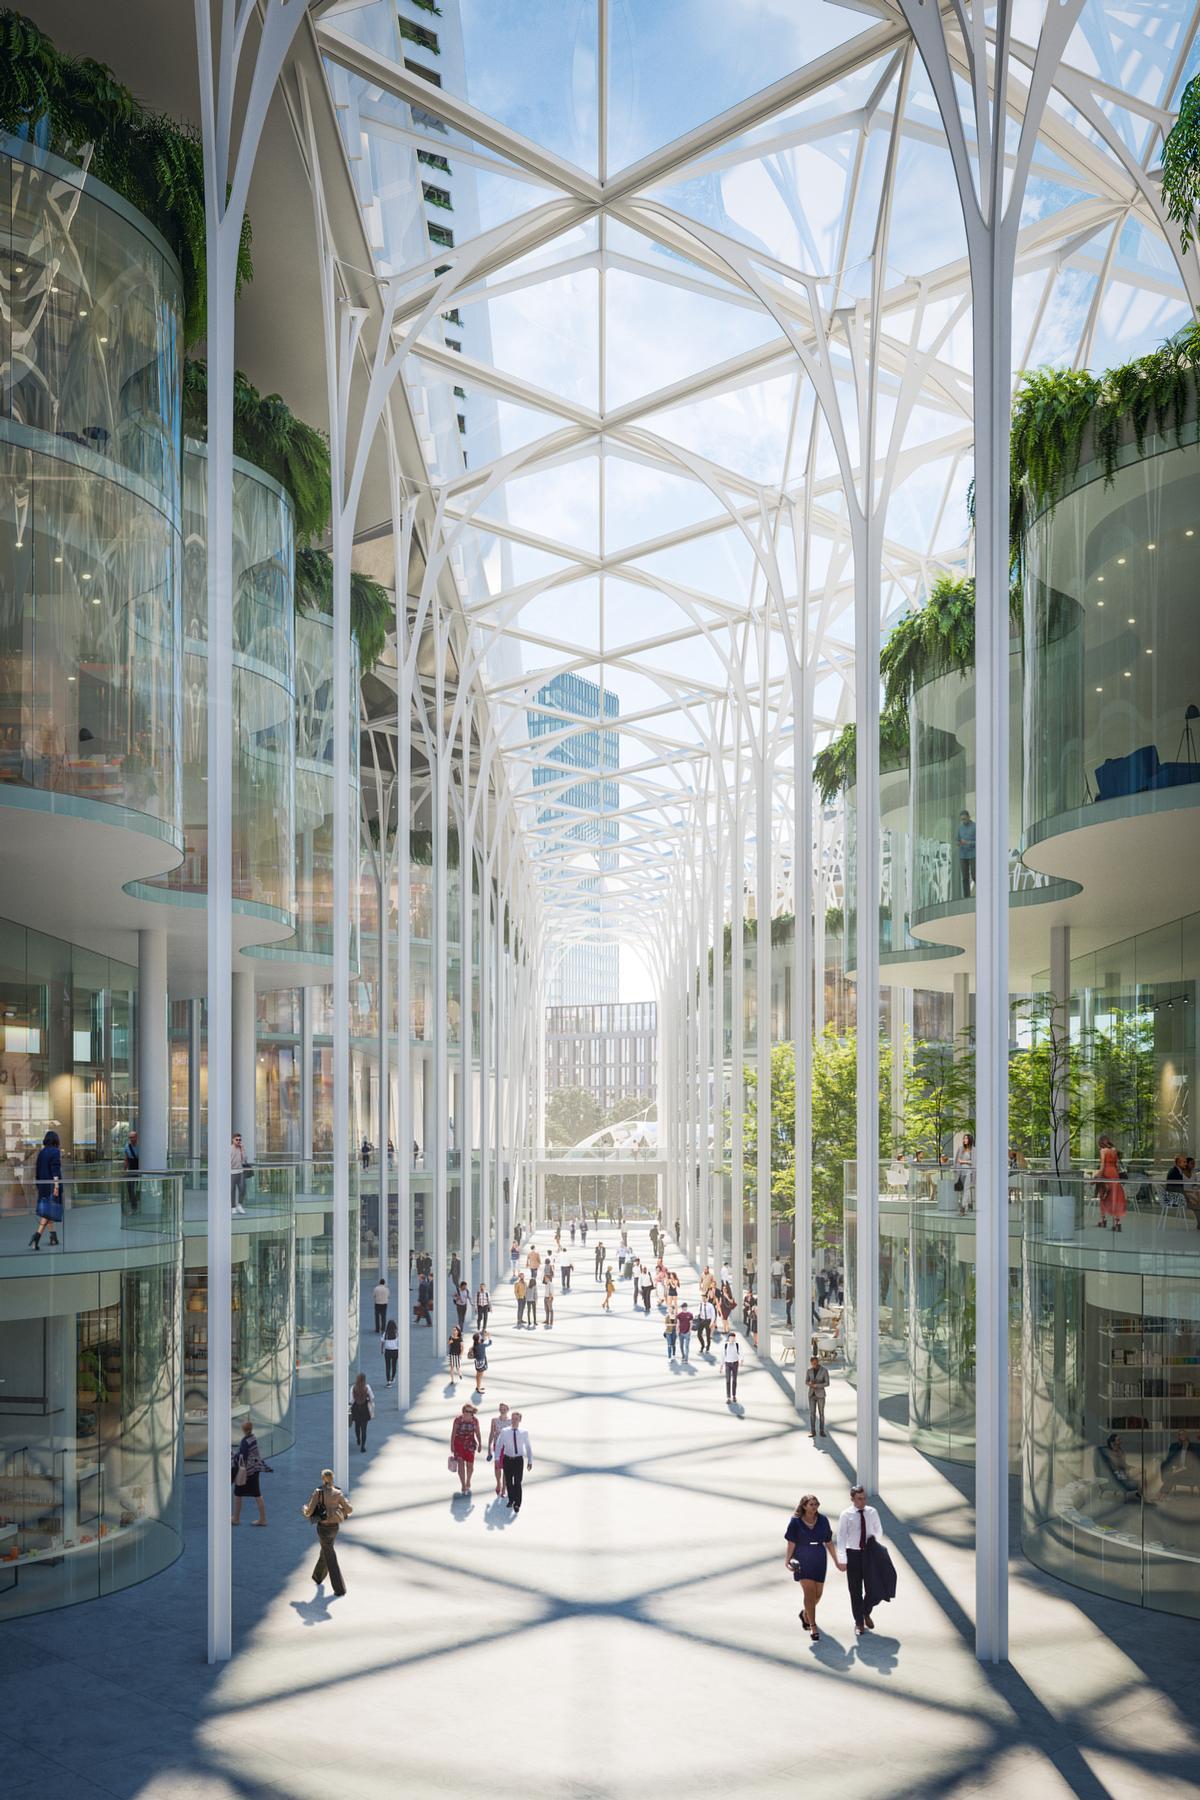 A winter garden at the heart of the scheme will form an 'urban forest' / Uniform